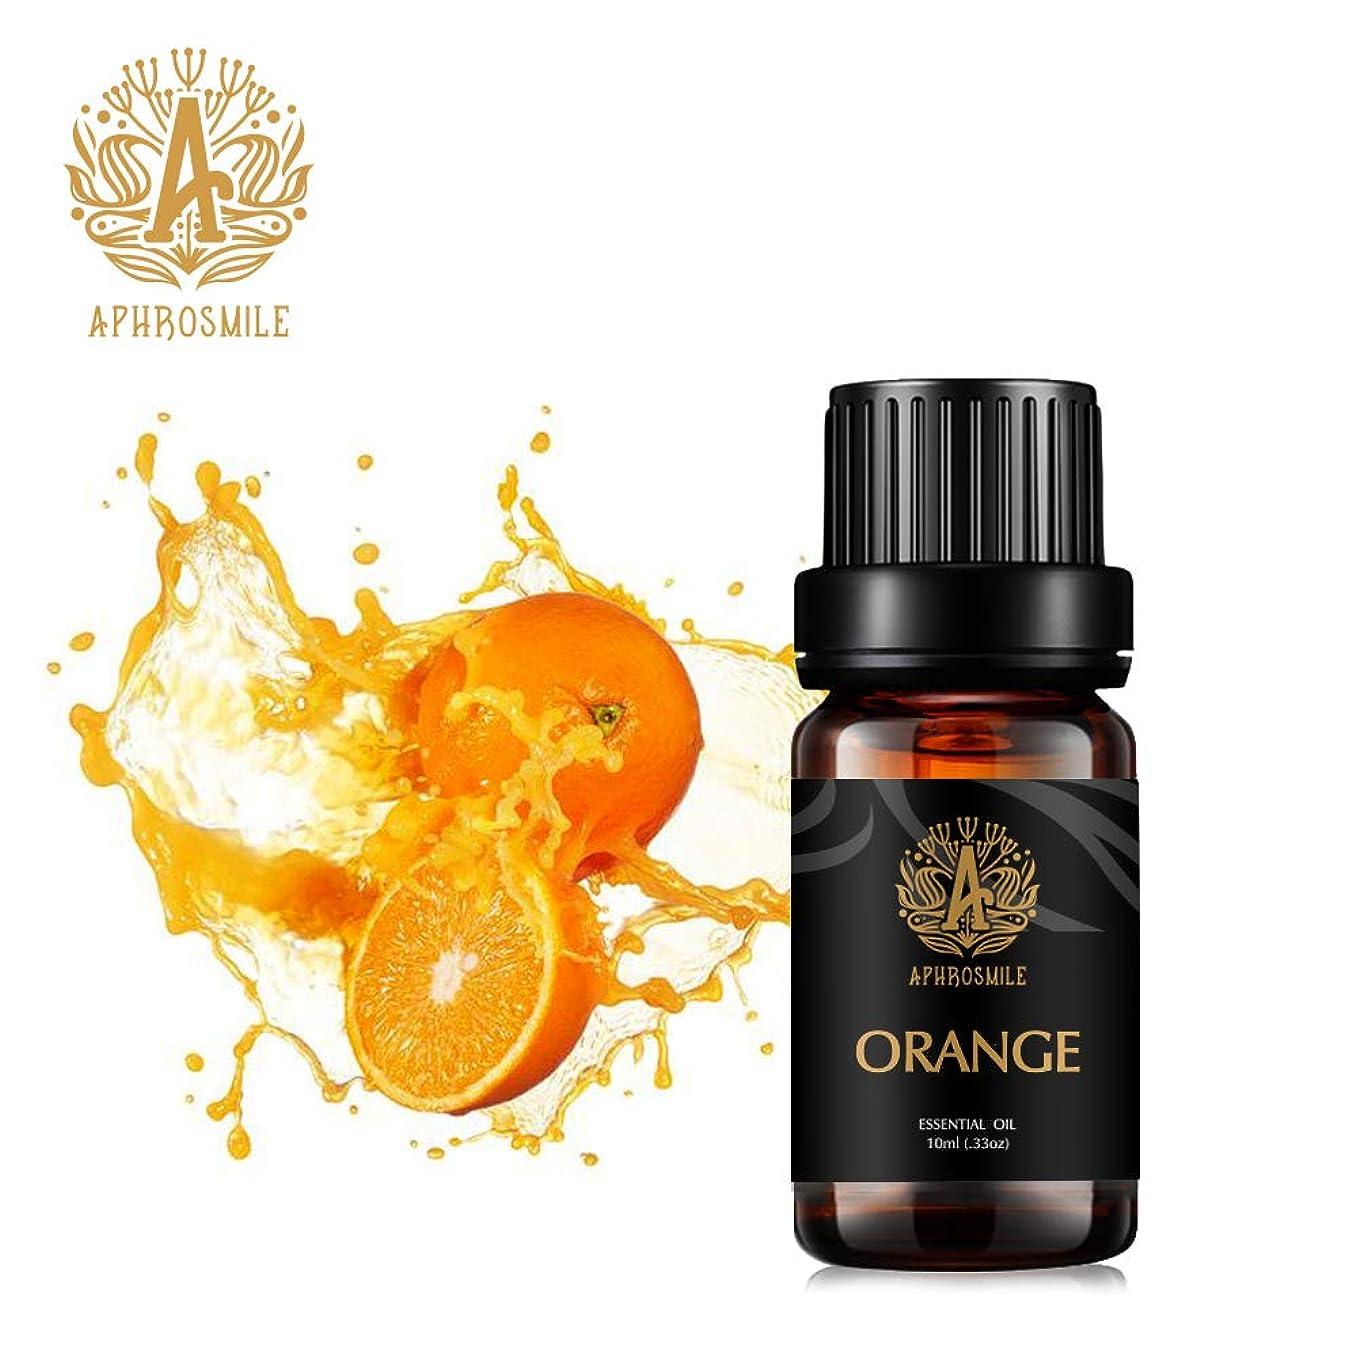 温度計心配ストレッチオレンジエッセンシャルオイル、100%ピュアアロマエッセンシャルオイルオレンジ香り、怒りを和らげる、治療用グレードエッセンシャルオイルオレンジの香り、為にディフューザー、マッサージ、加湿器、デイリーケア、0.33オンス-10ml